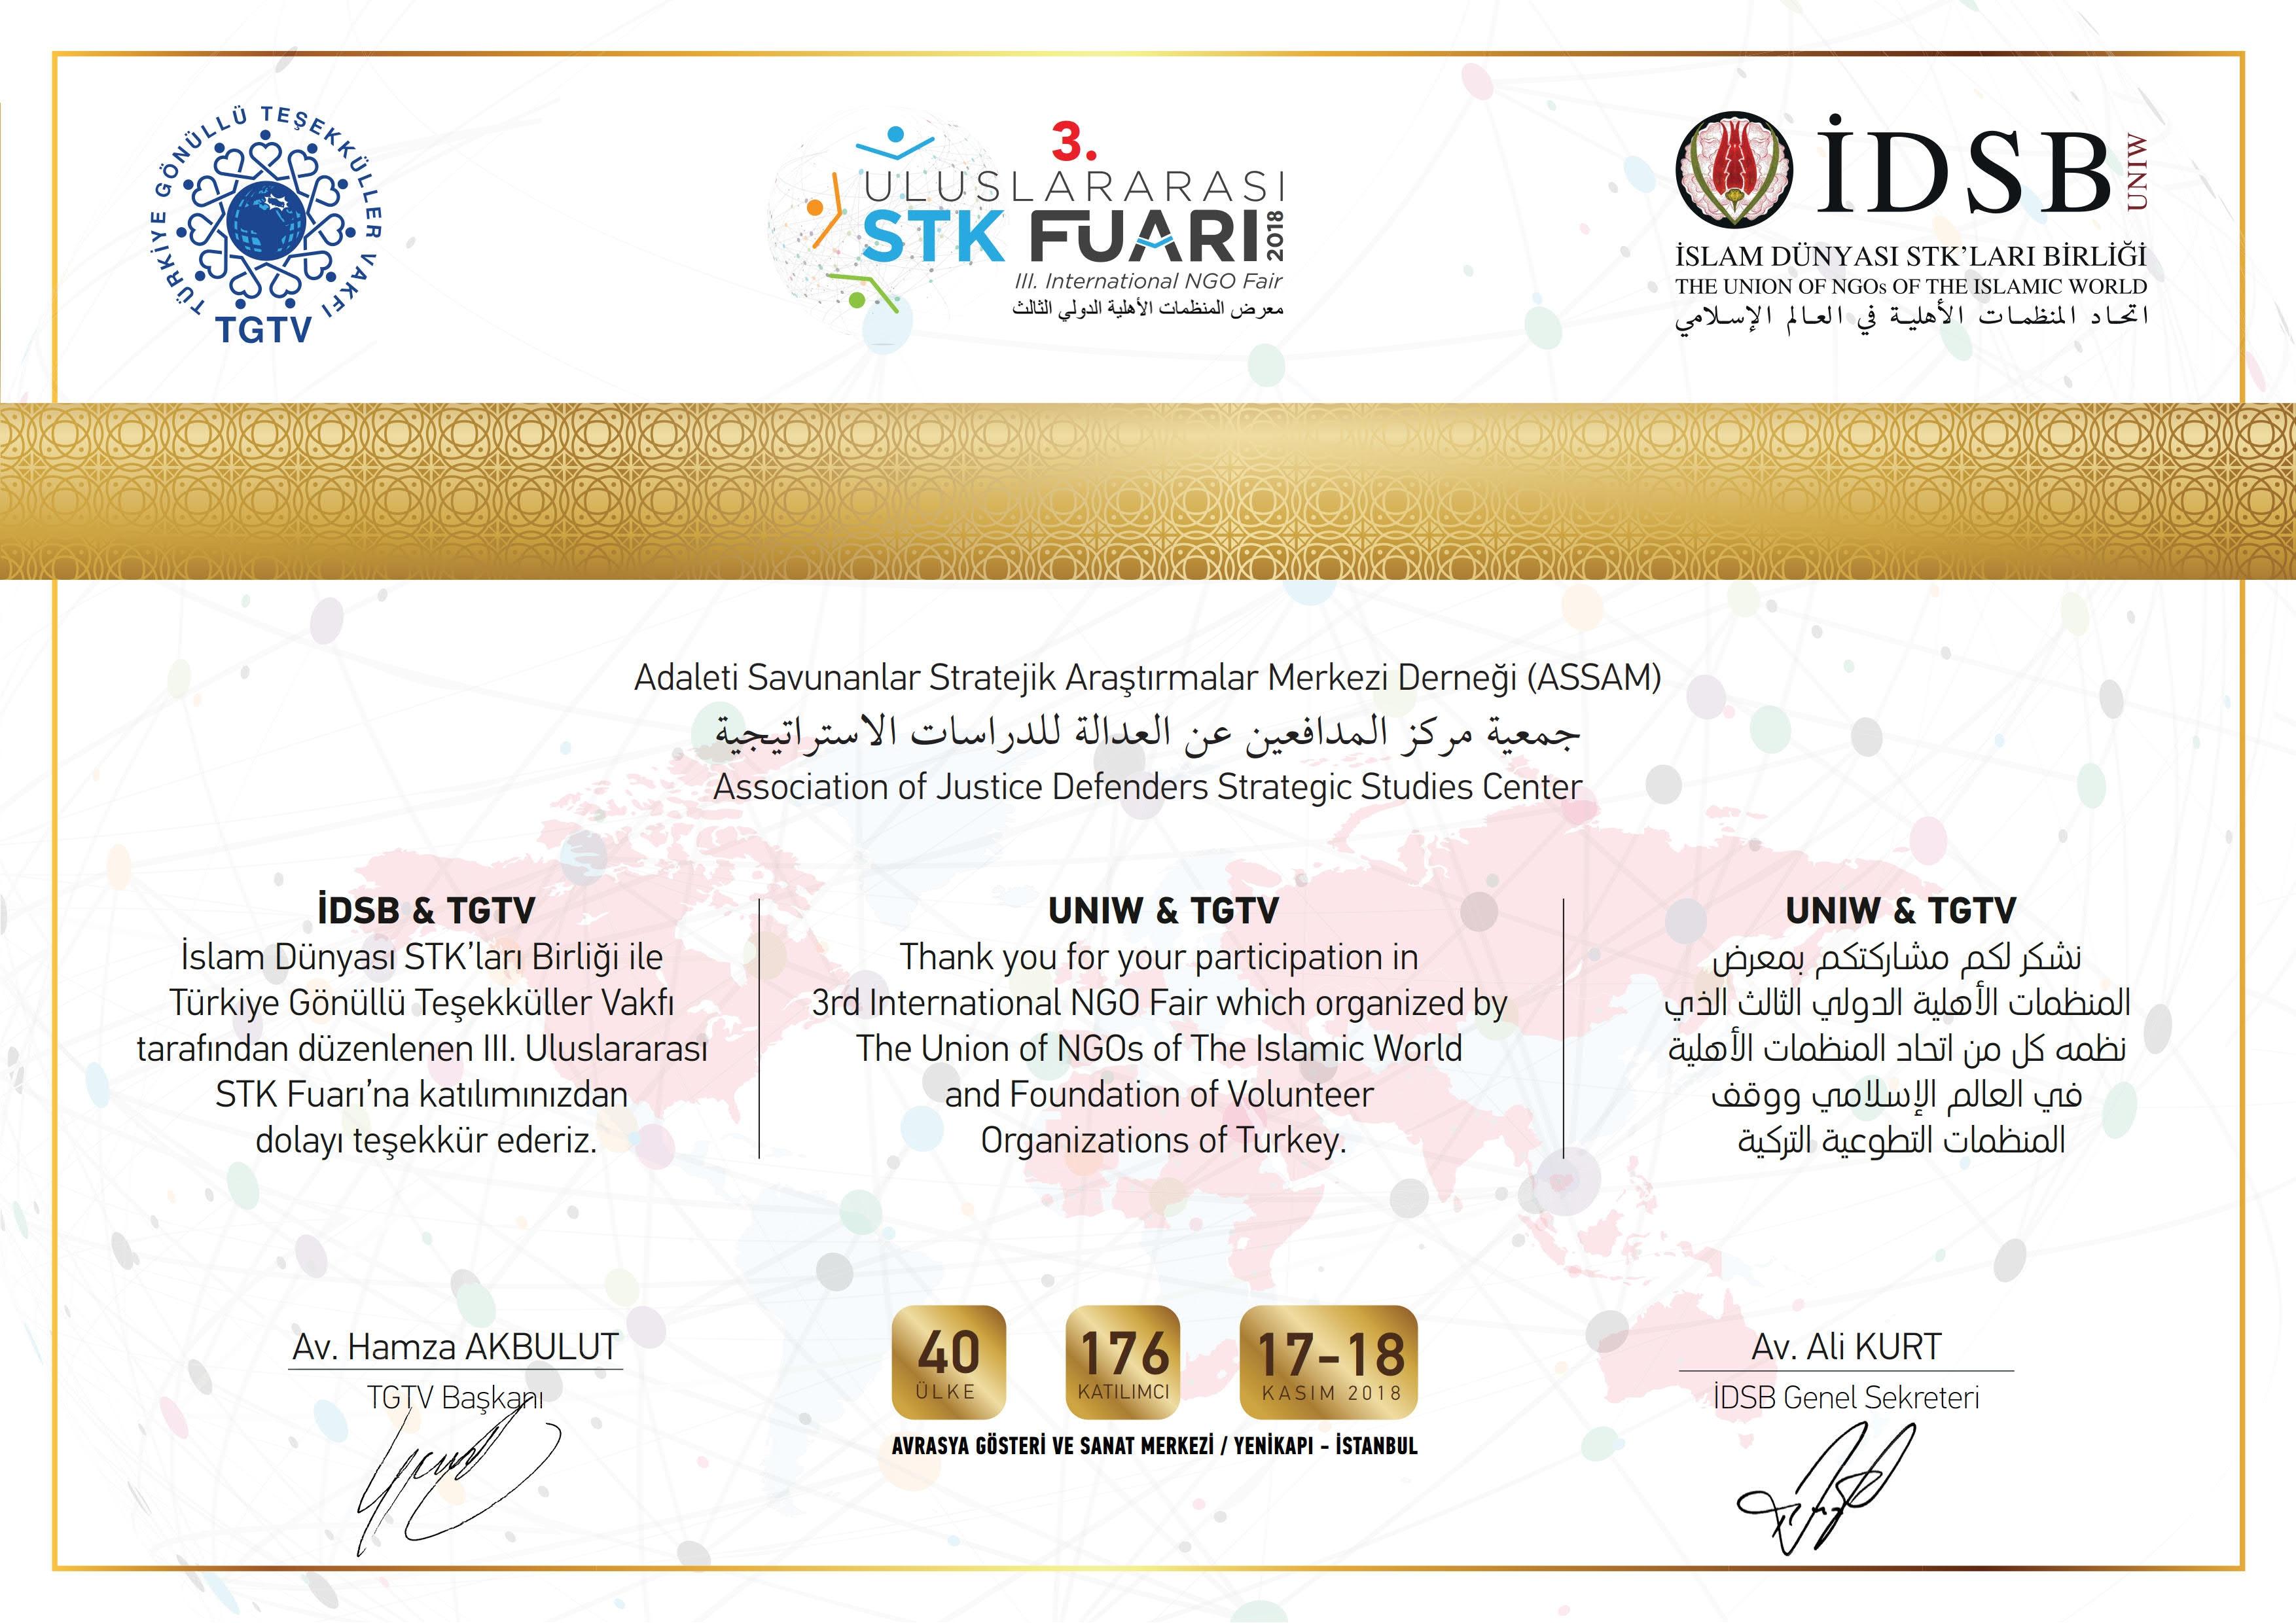 Iرسالة تقدير إلى ASSAM في المعرض الدولي الثالث لإتحاد منظمات المجتمع المدني.